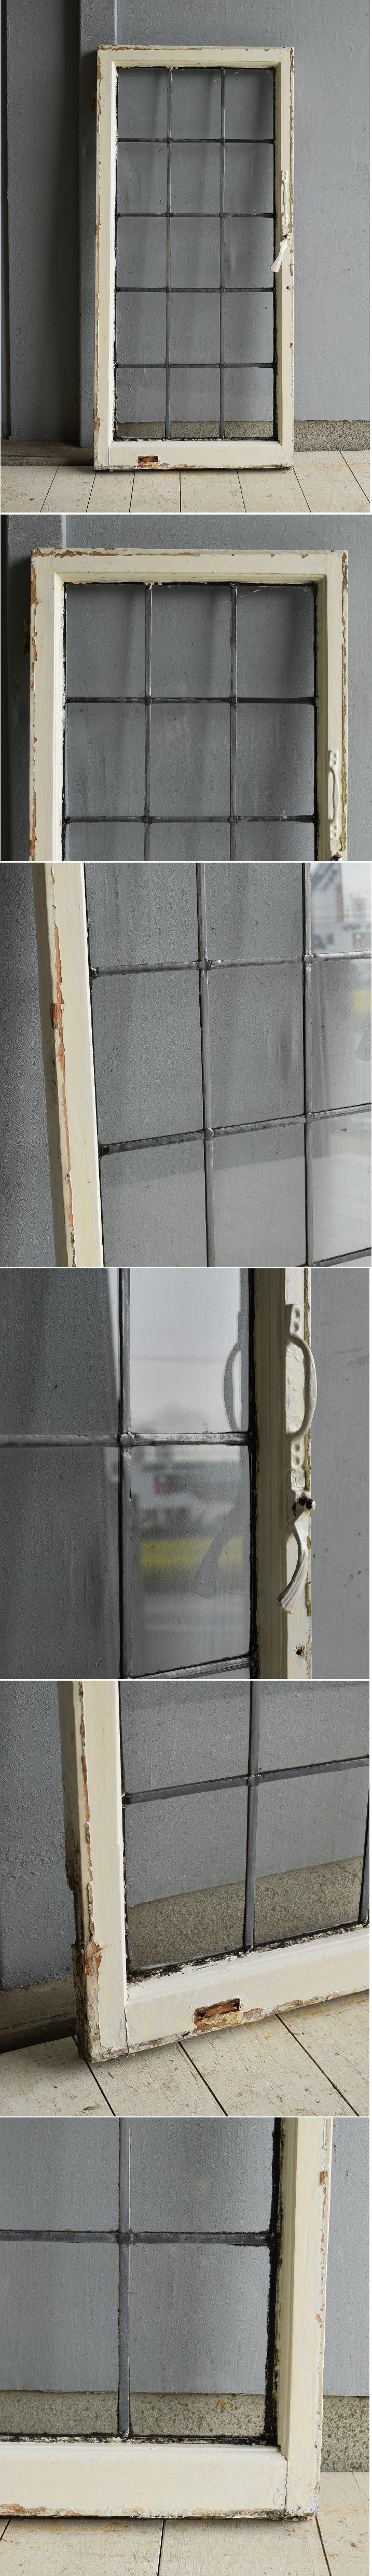 イギリス アンティーク 格子窓 無色透明 7203